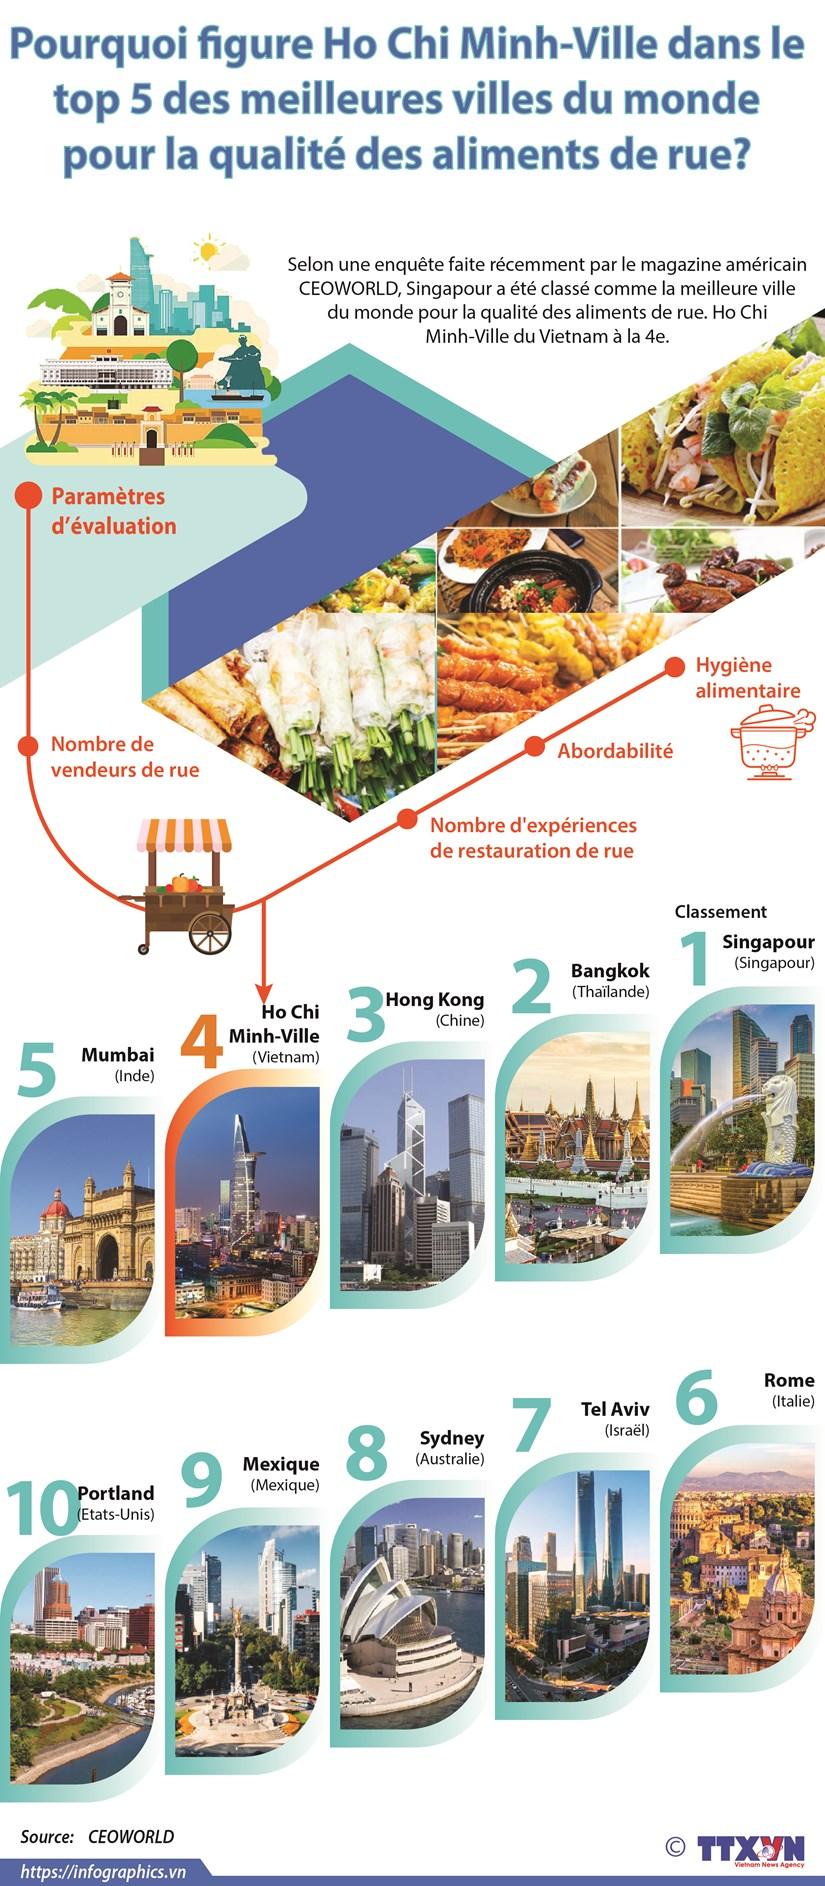 Ho CHi Minh-Ville dans le top 5 meilleures villes du monde pour la qualite des alimets de rue hinh anh 1